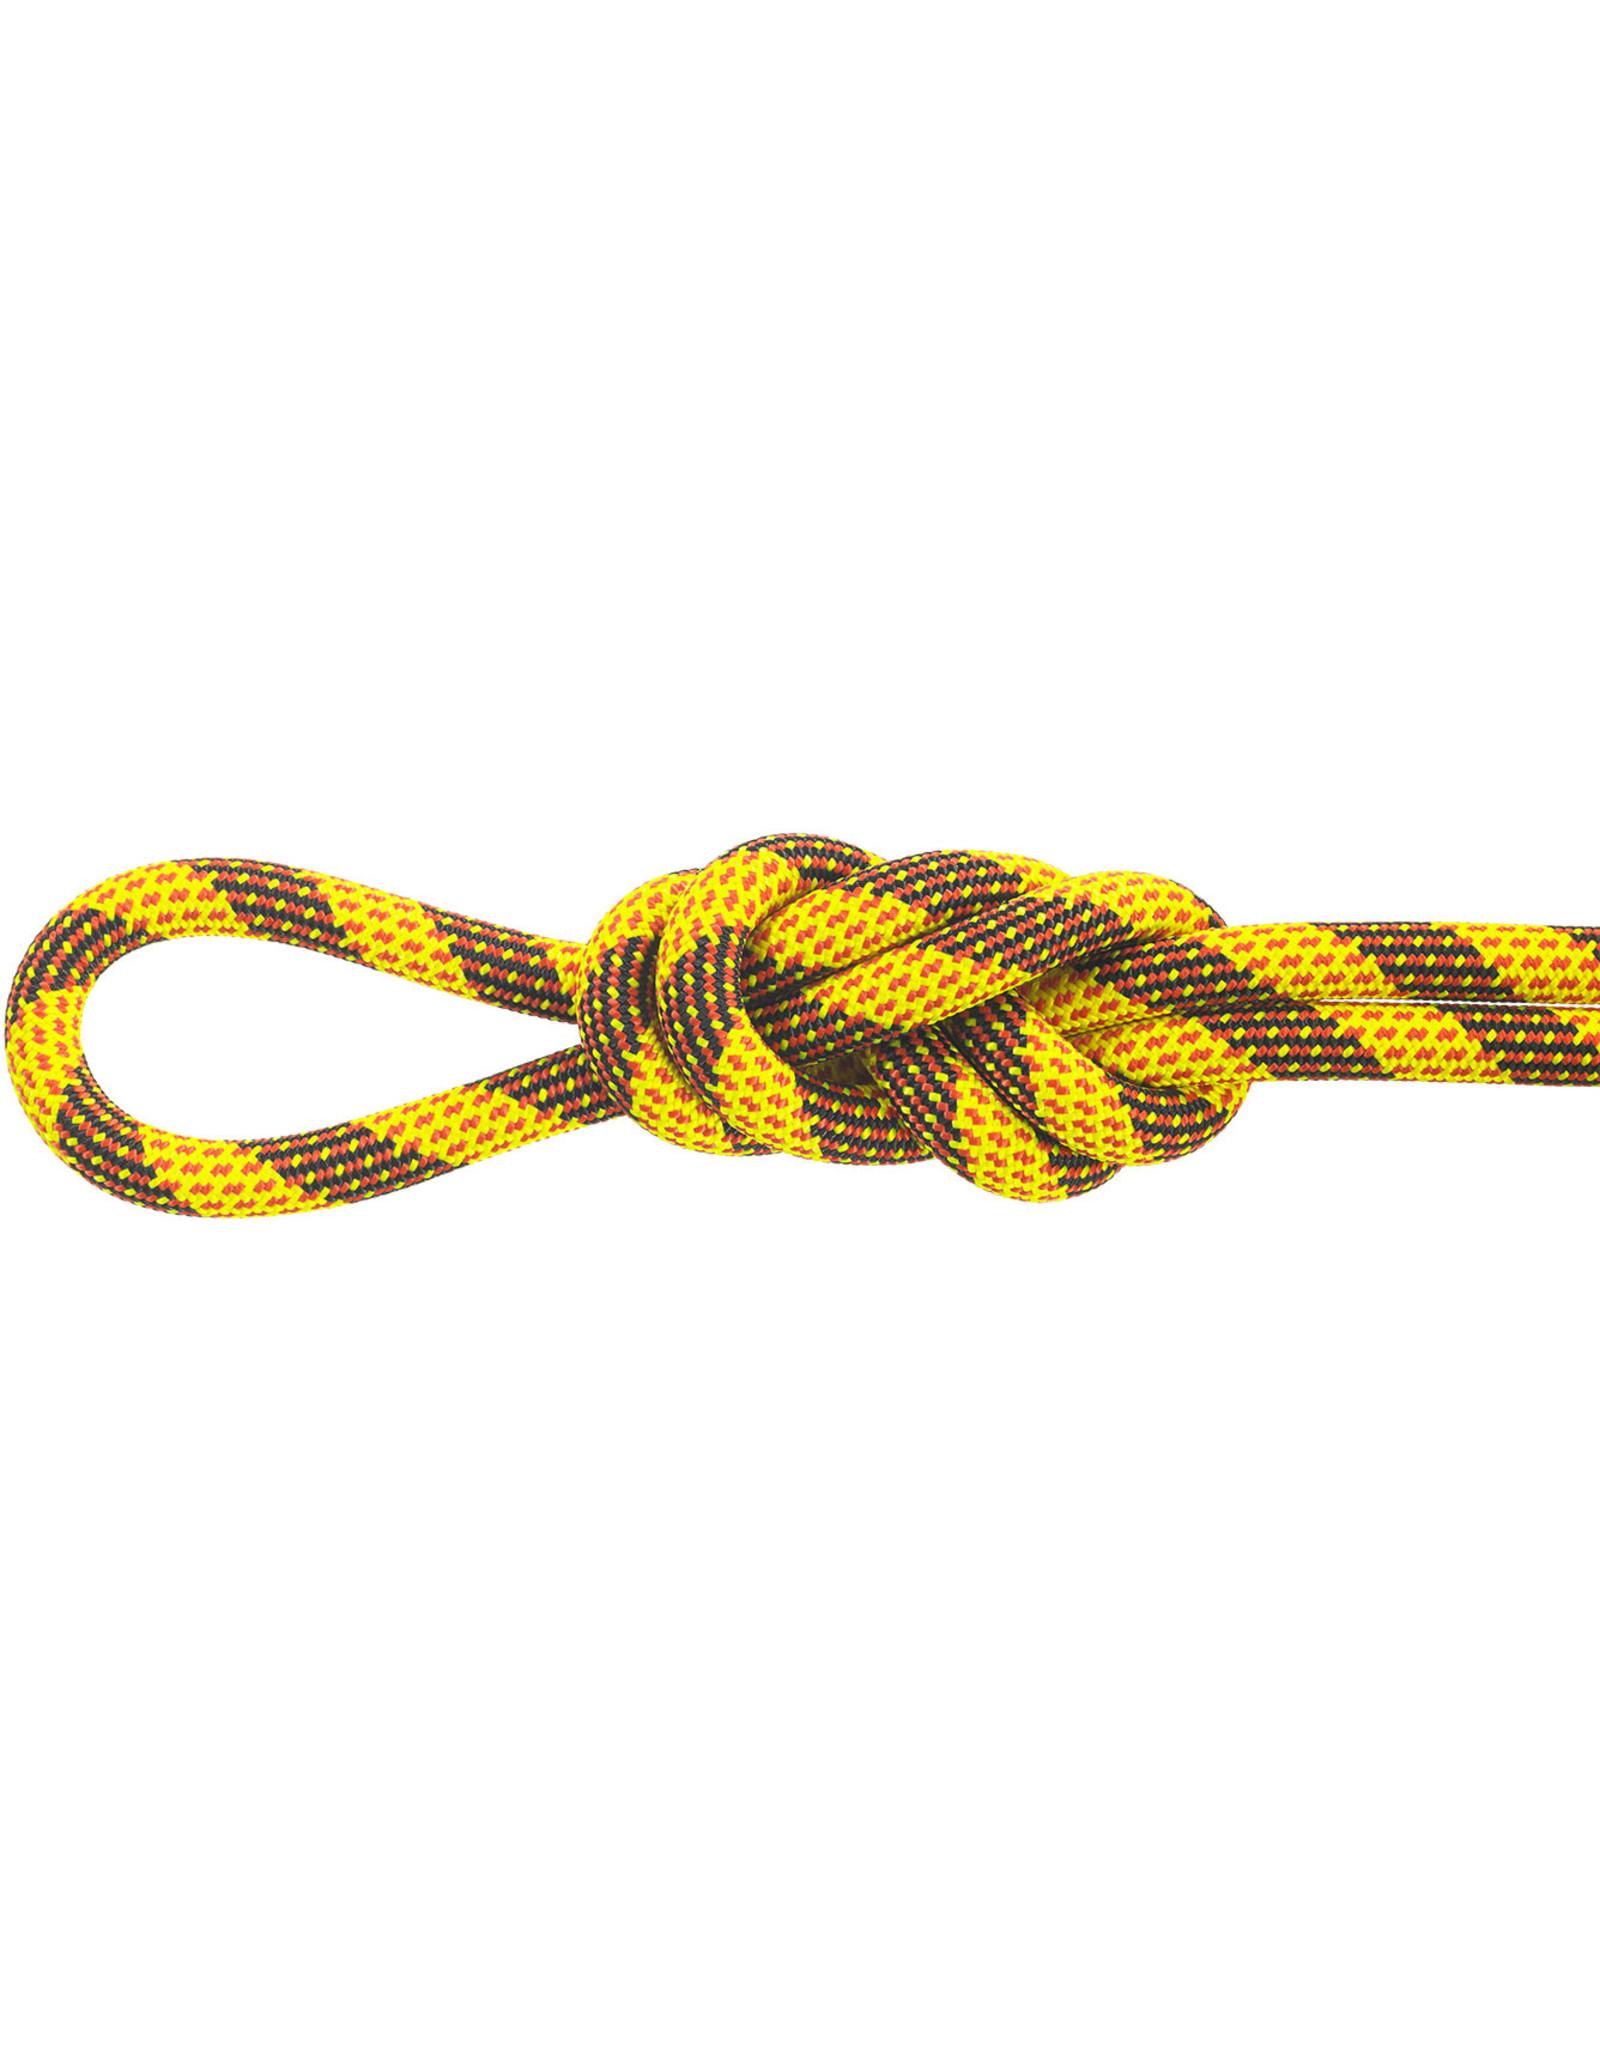 Maxim Ropes Pinnacle 9.5 Std-Dry 70m